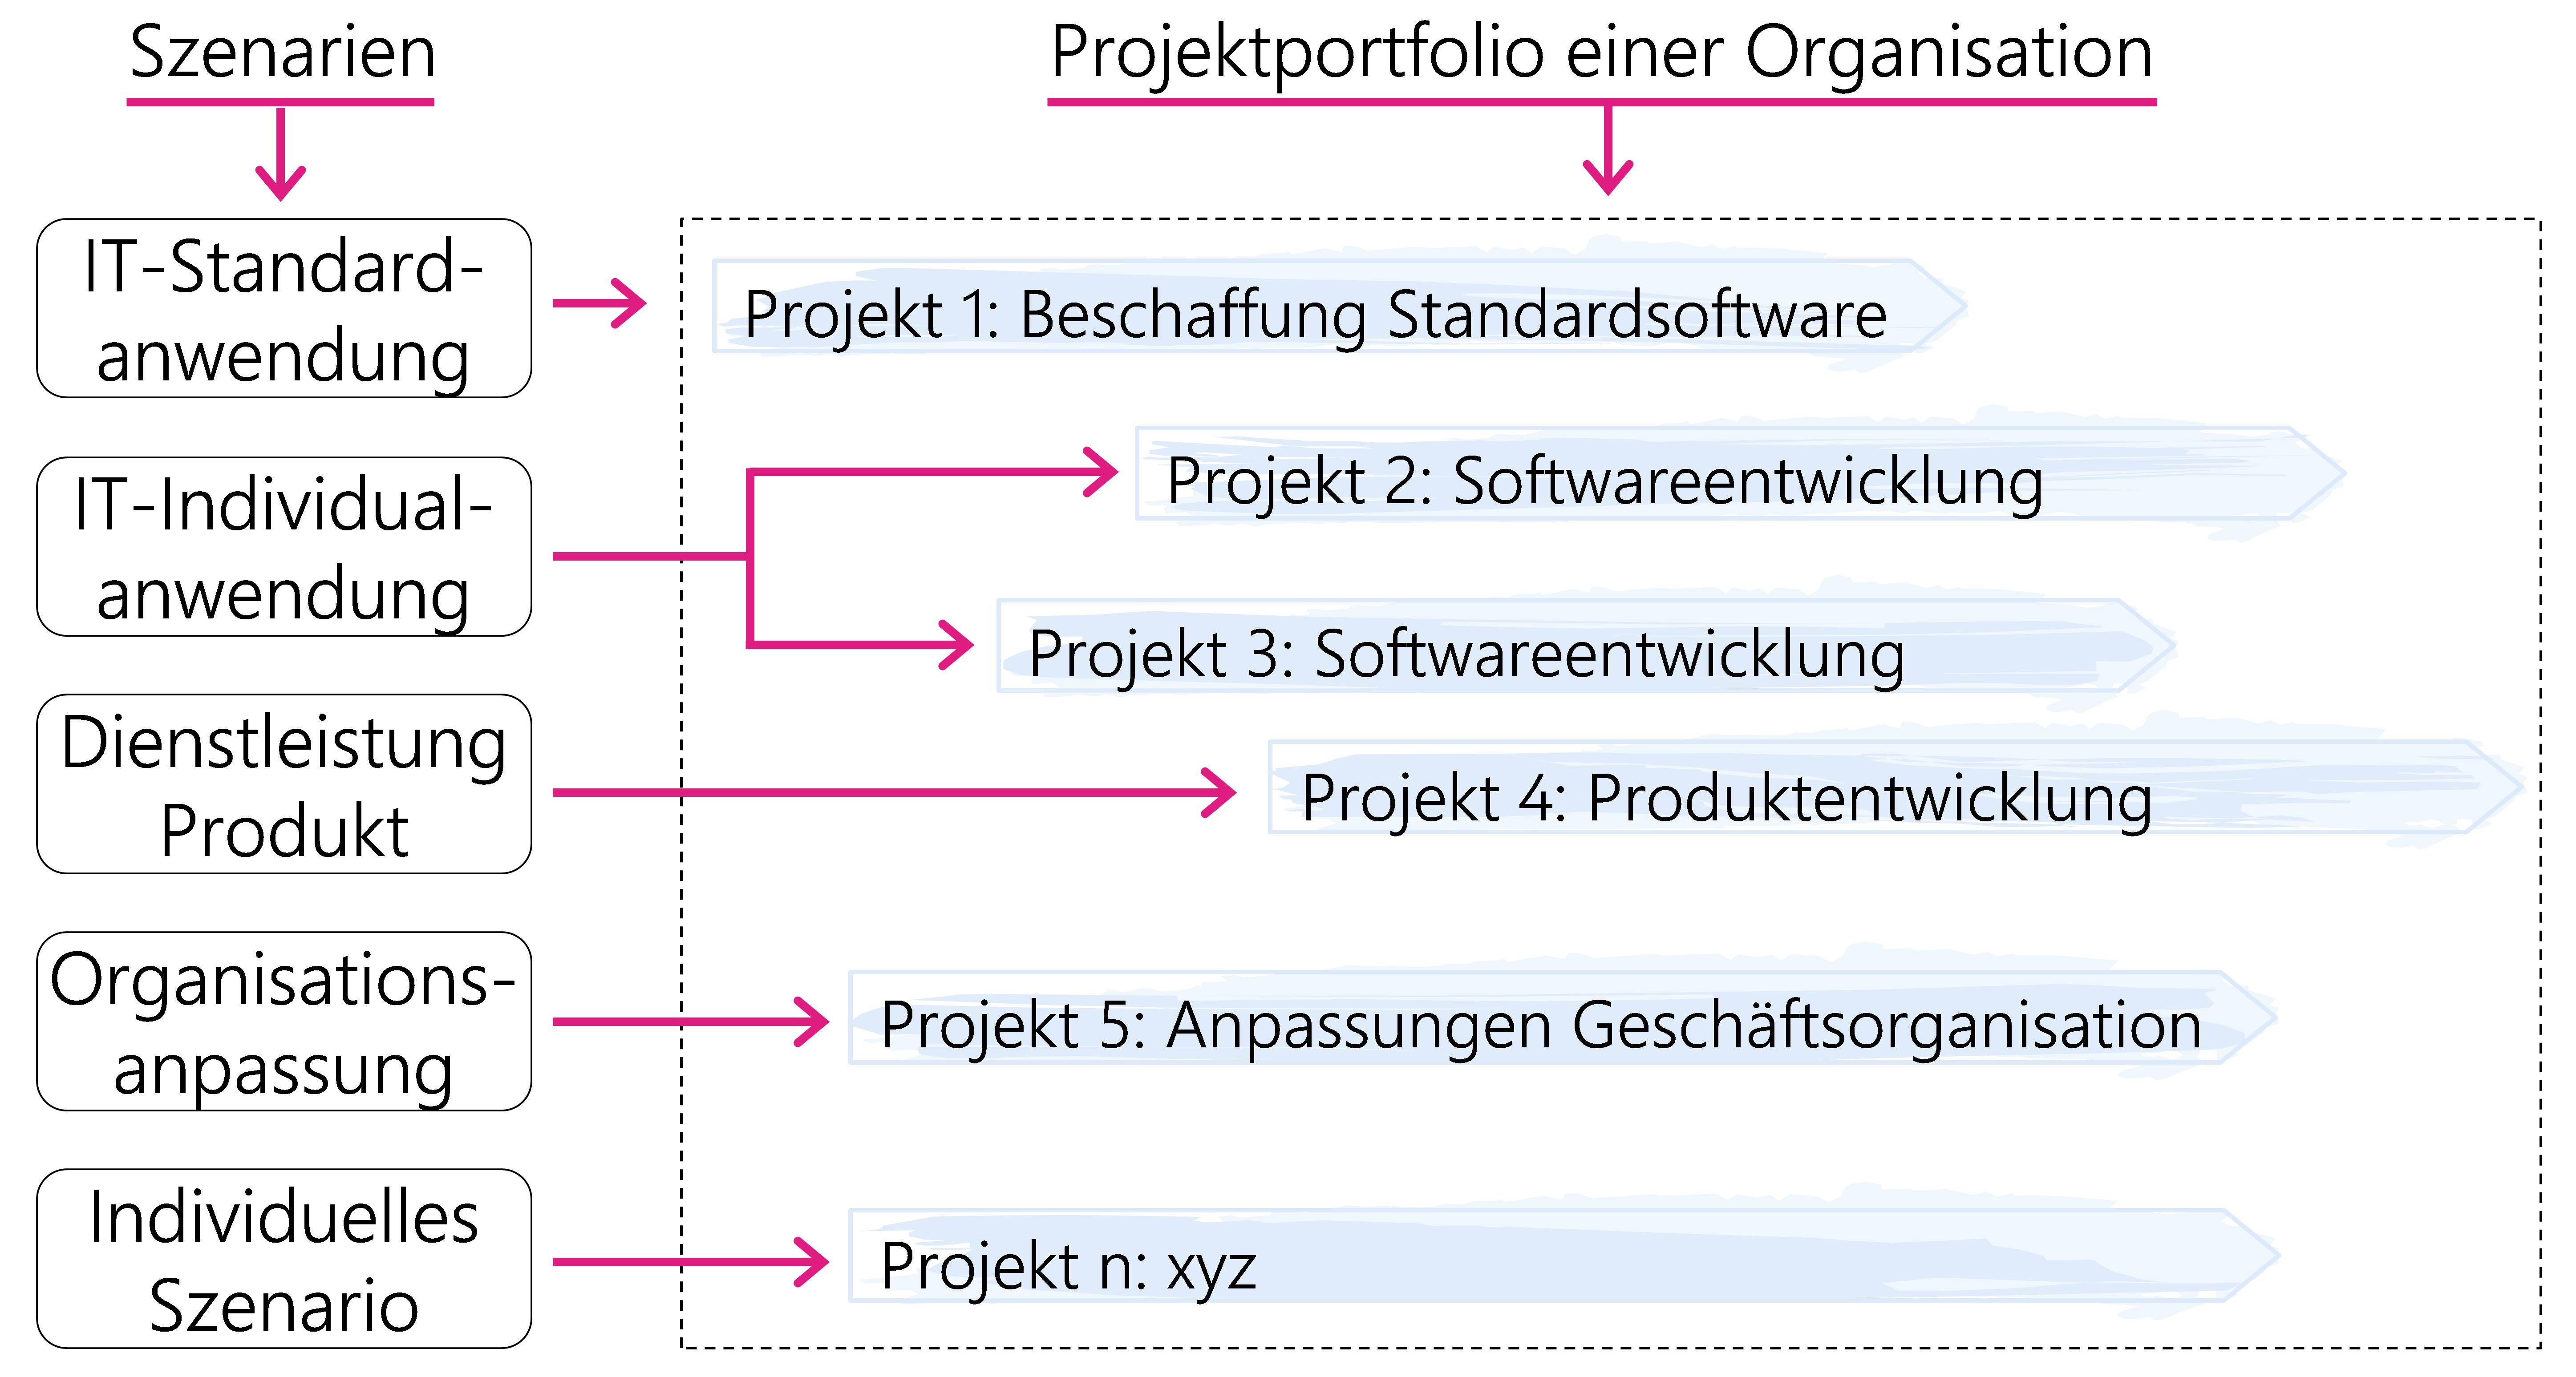 Abbildung1: Szenarien & Projektportfolio einer Organisation